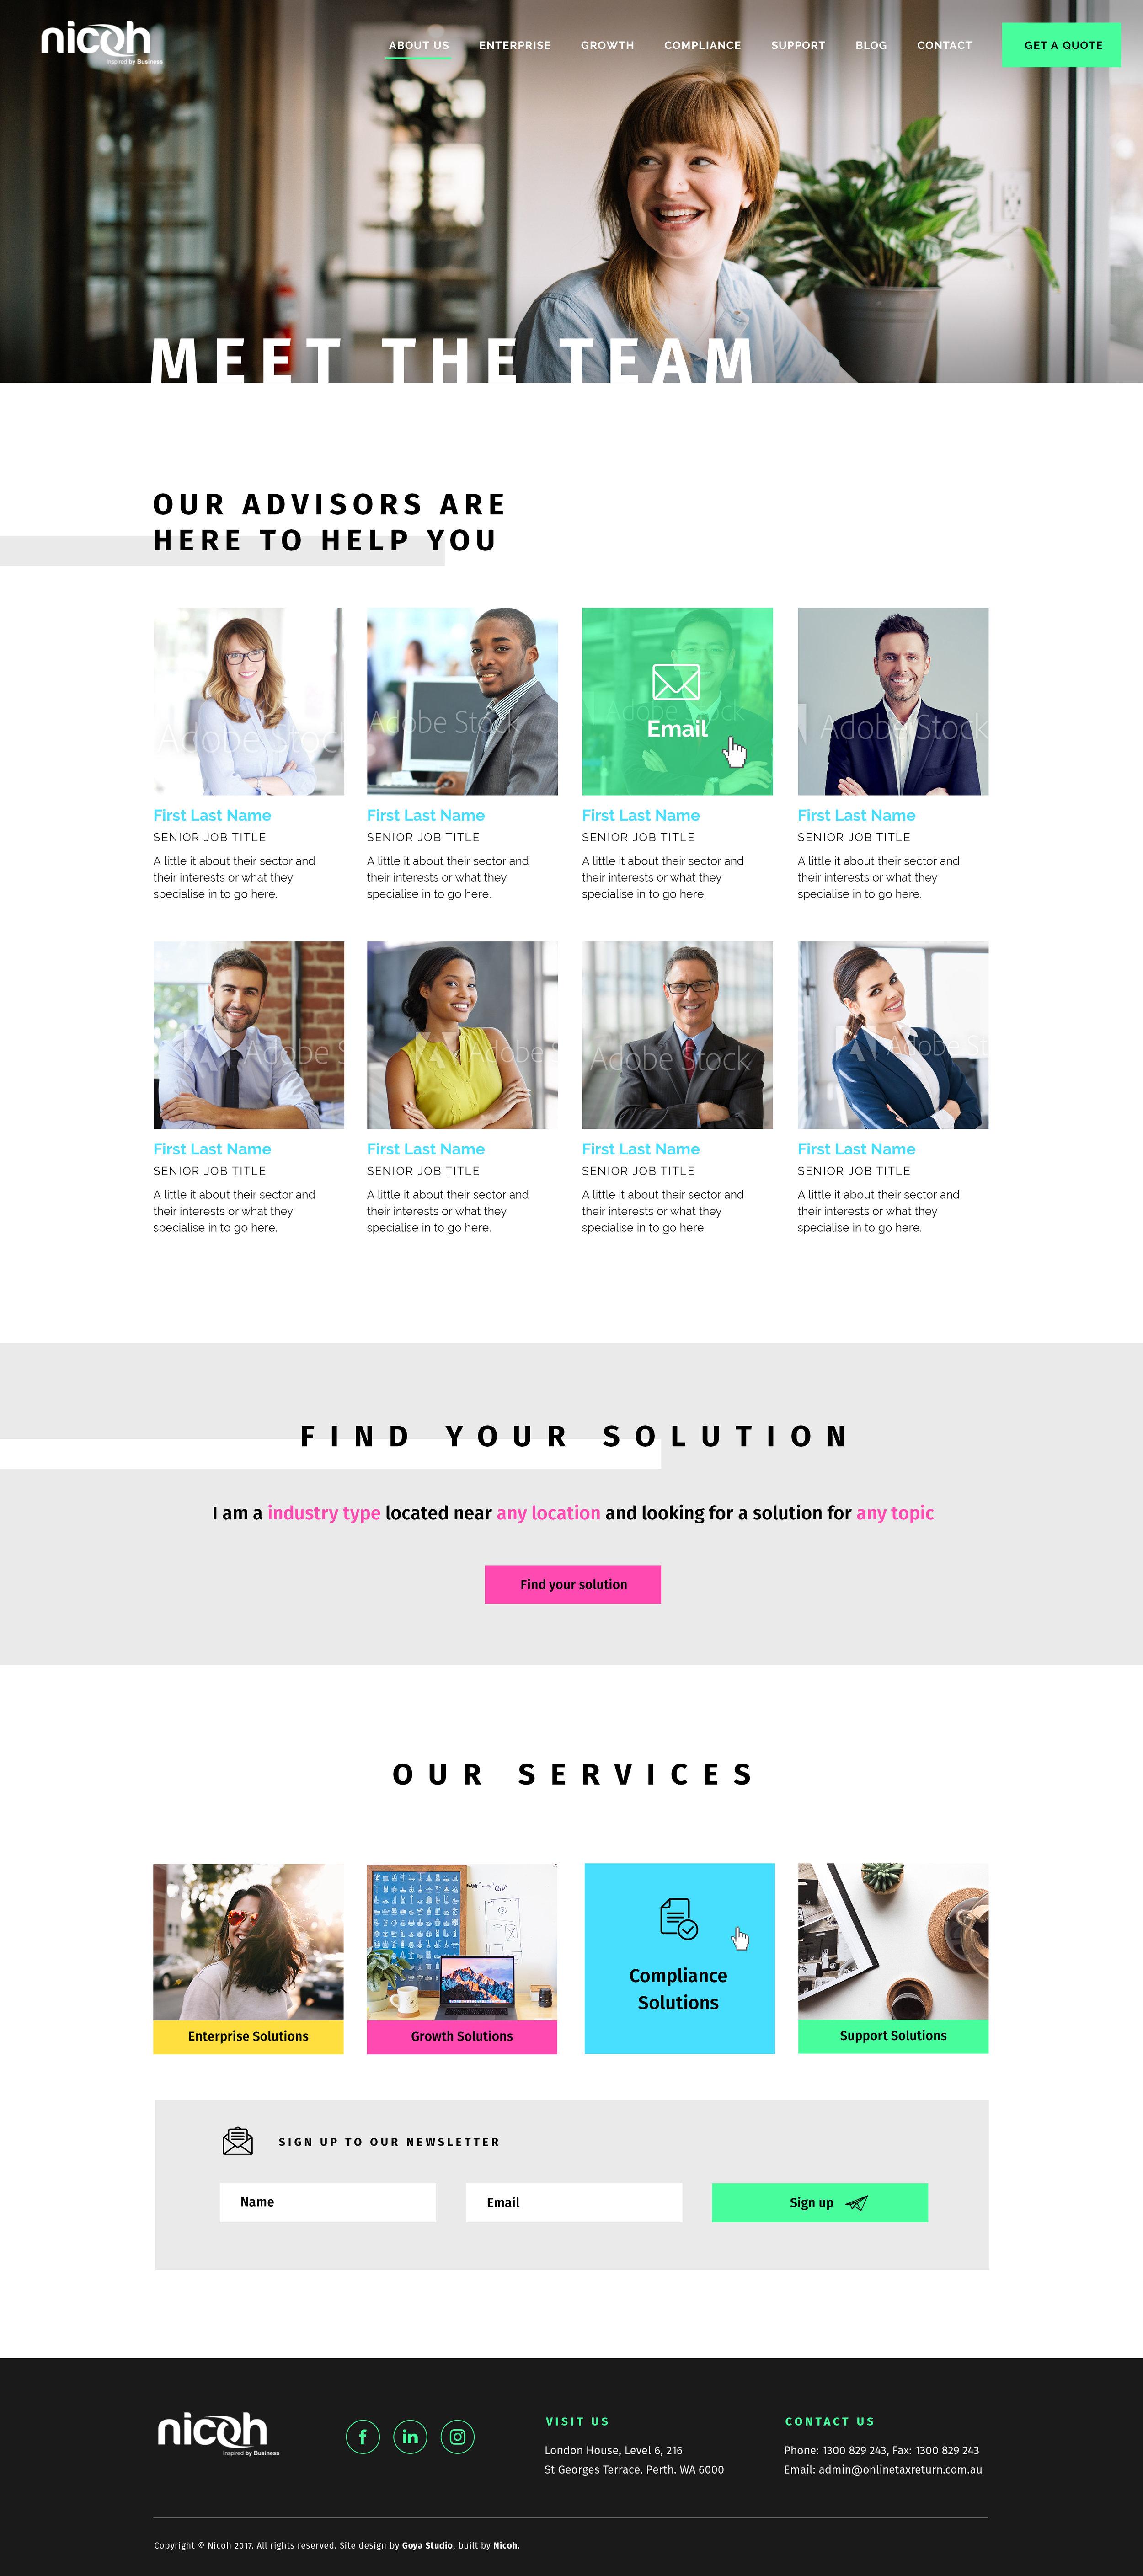 NICO001b Nicoh Website Design - Team @2x.jpg